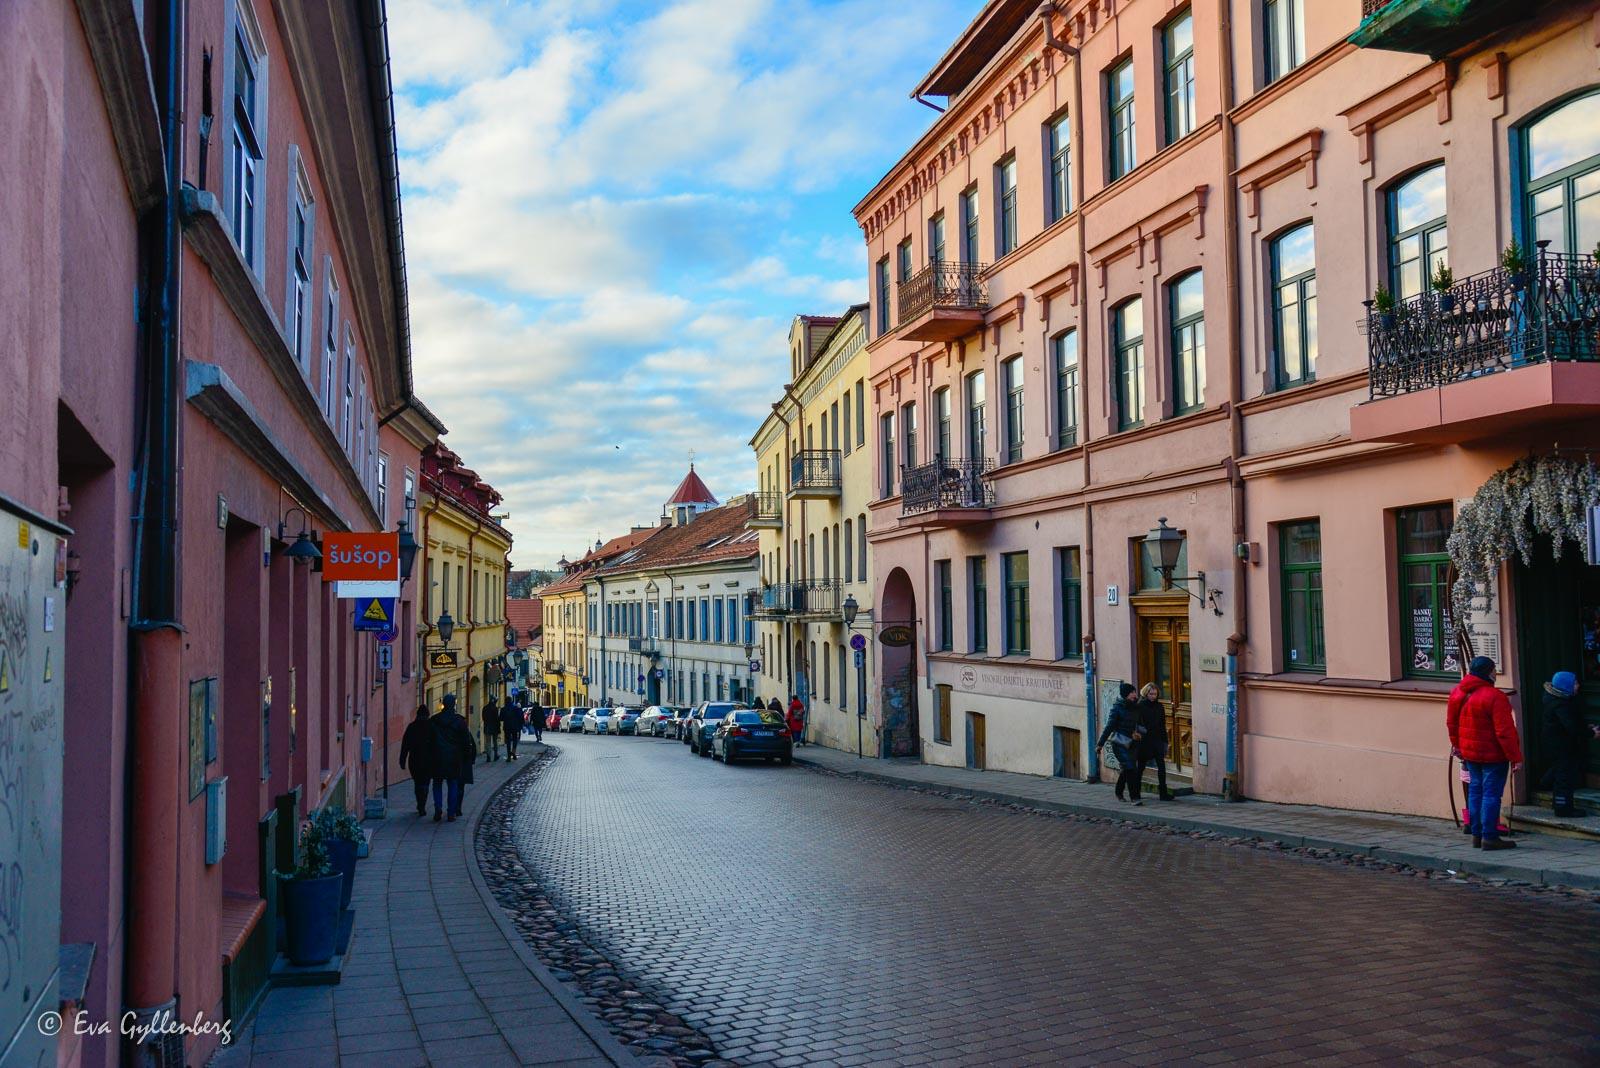 Uzupio-Vilnius